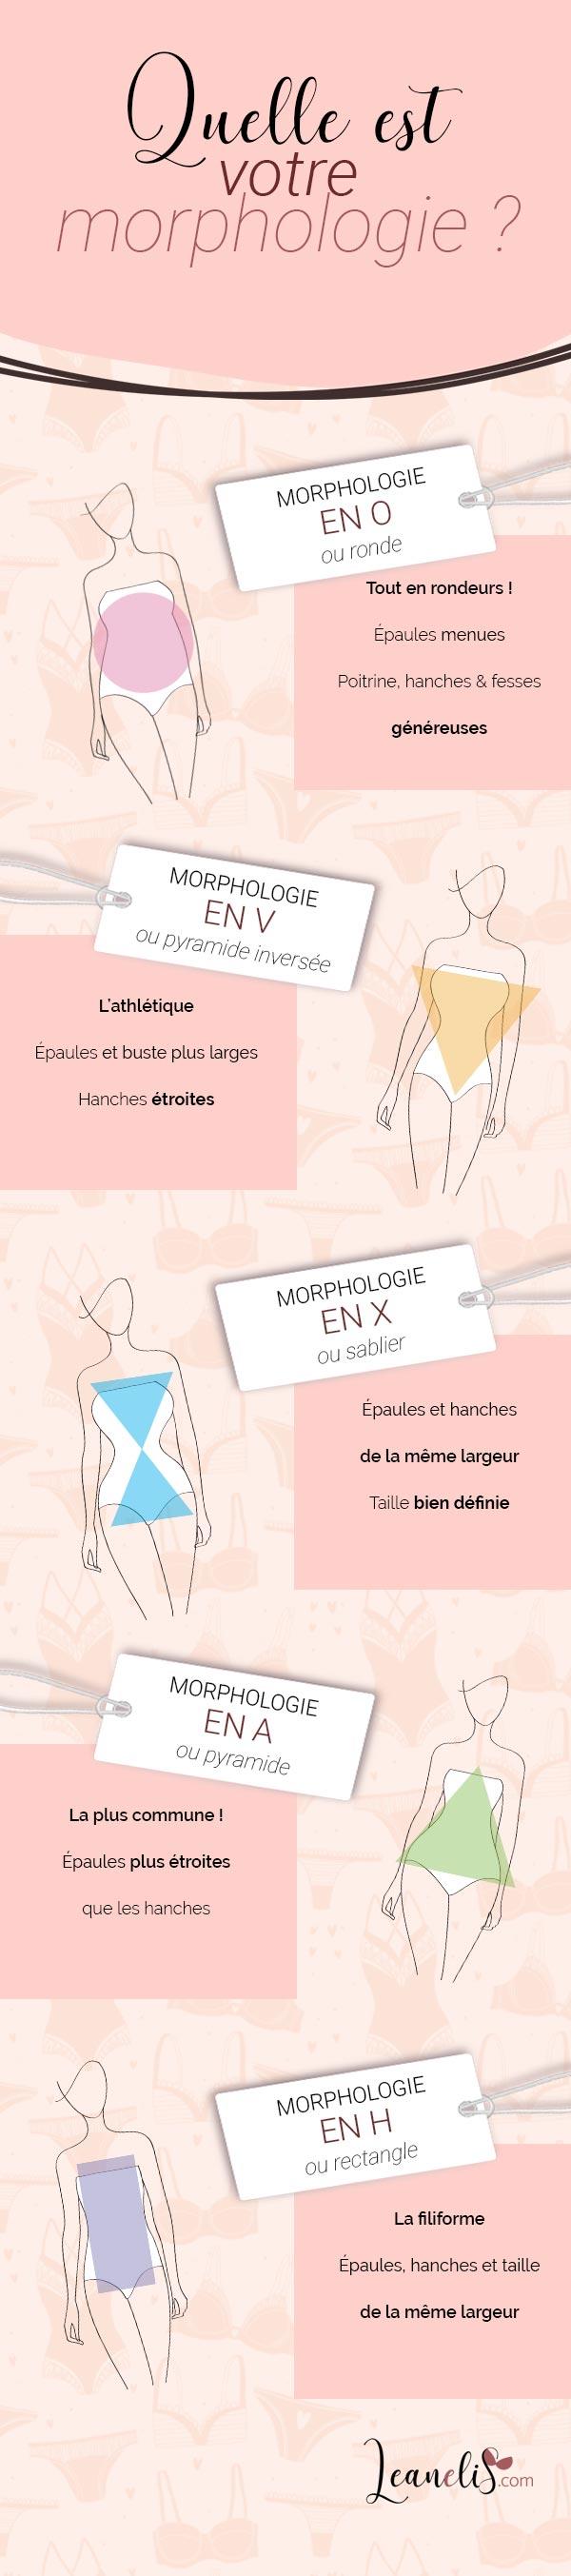 Les différents types de morphologie